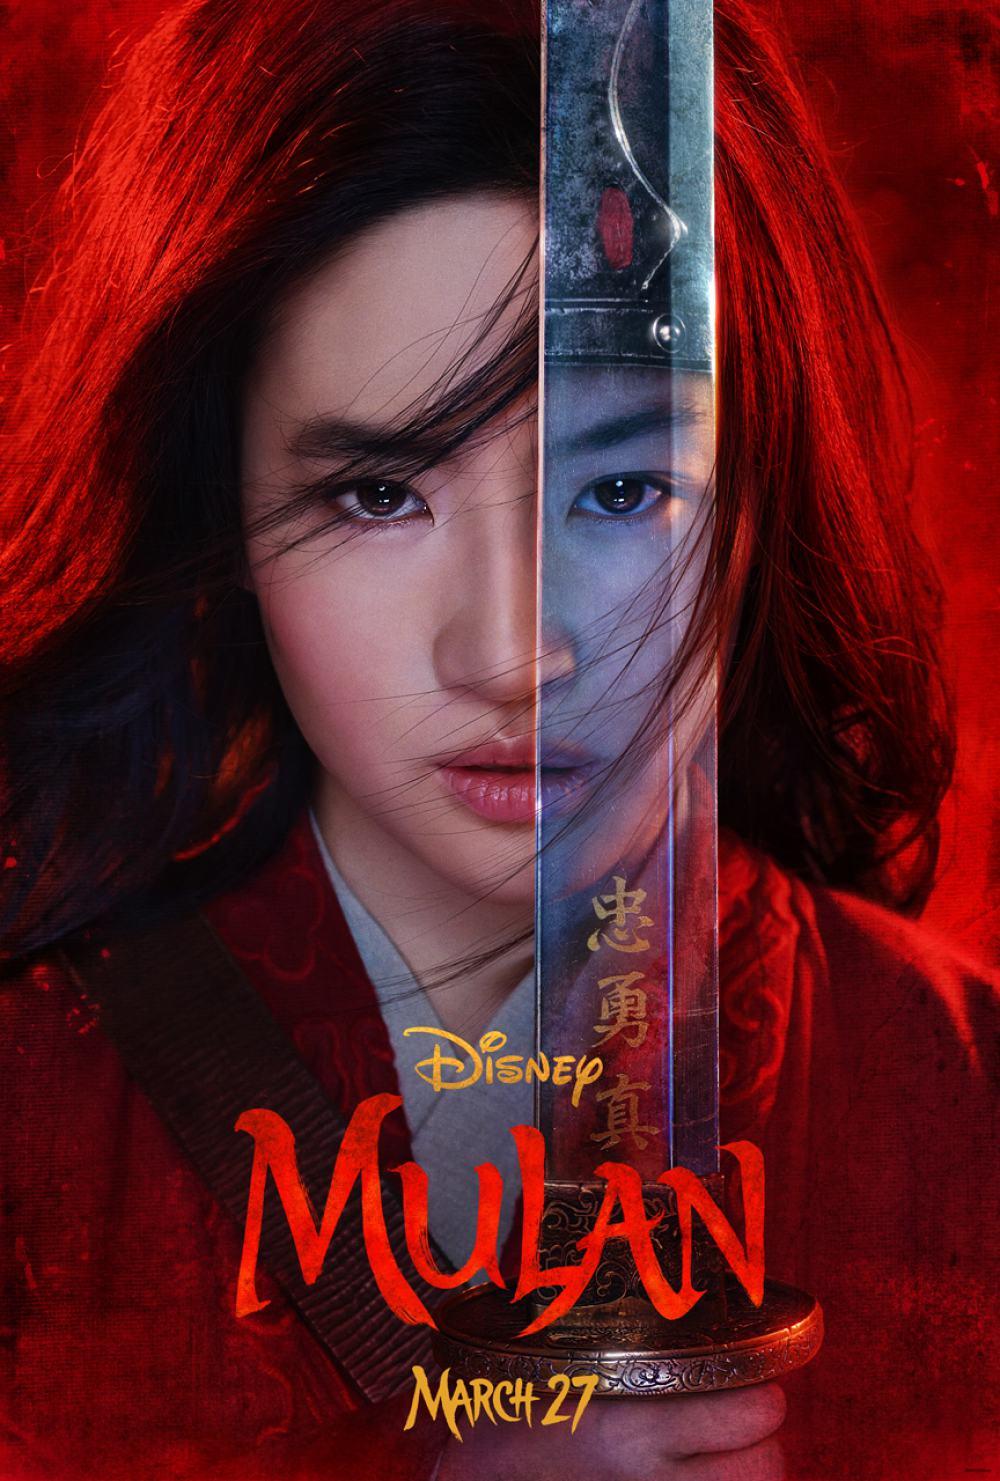 Mulan Super Bowl Trailer (2020)